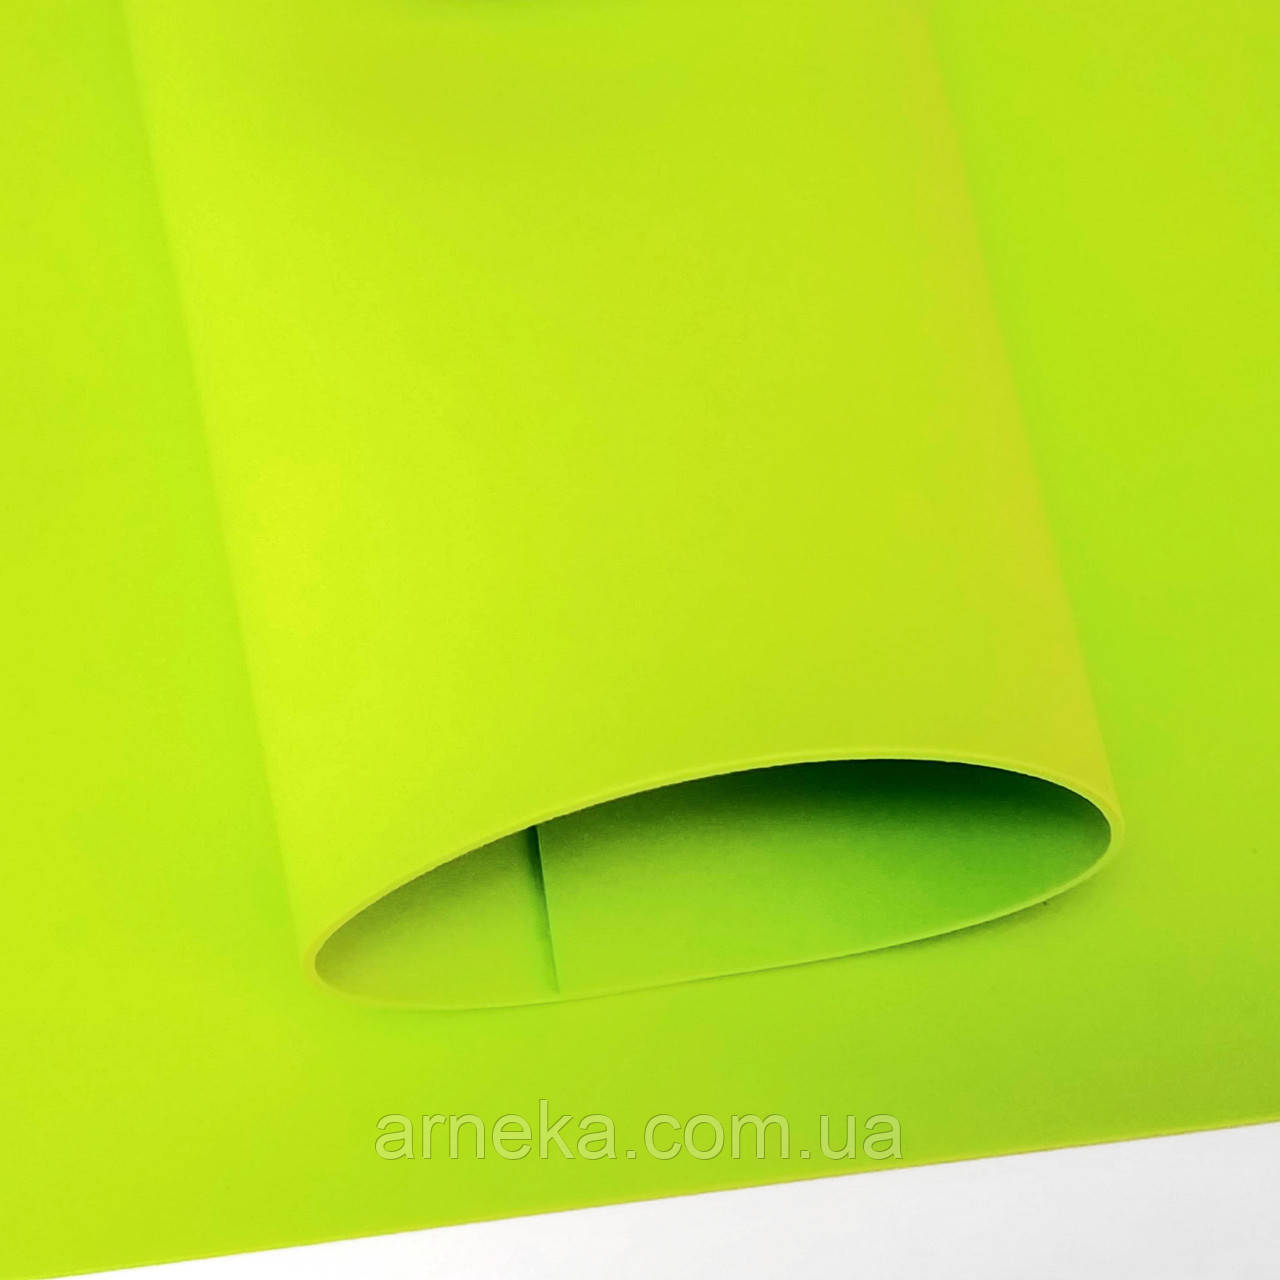 Фоамиран 20*30, товщина 2 мм (жовто-салатовий)